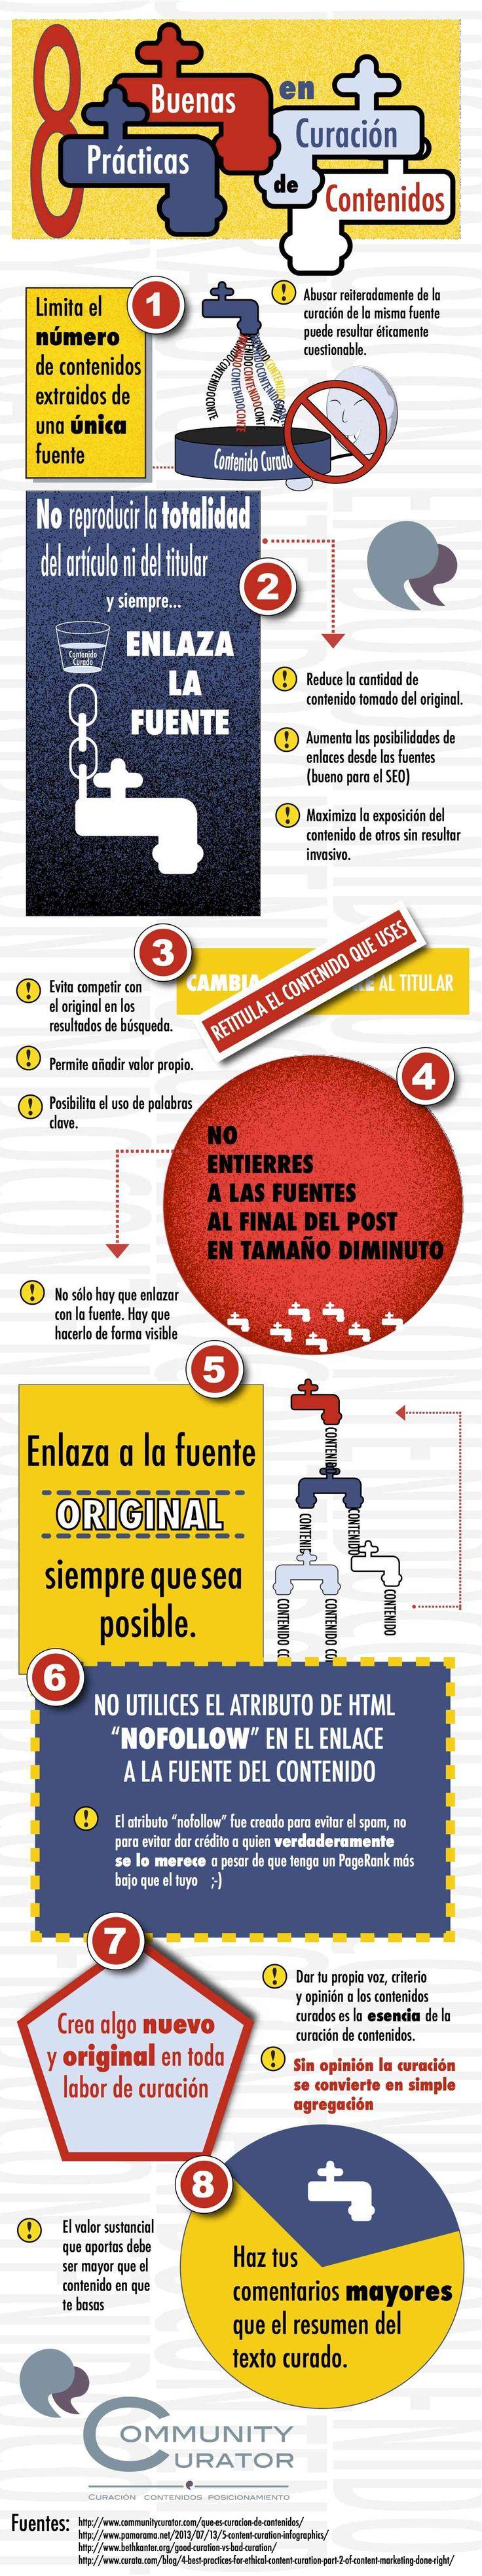 Curación de contenidos #infografia. Por @YoCurador